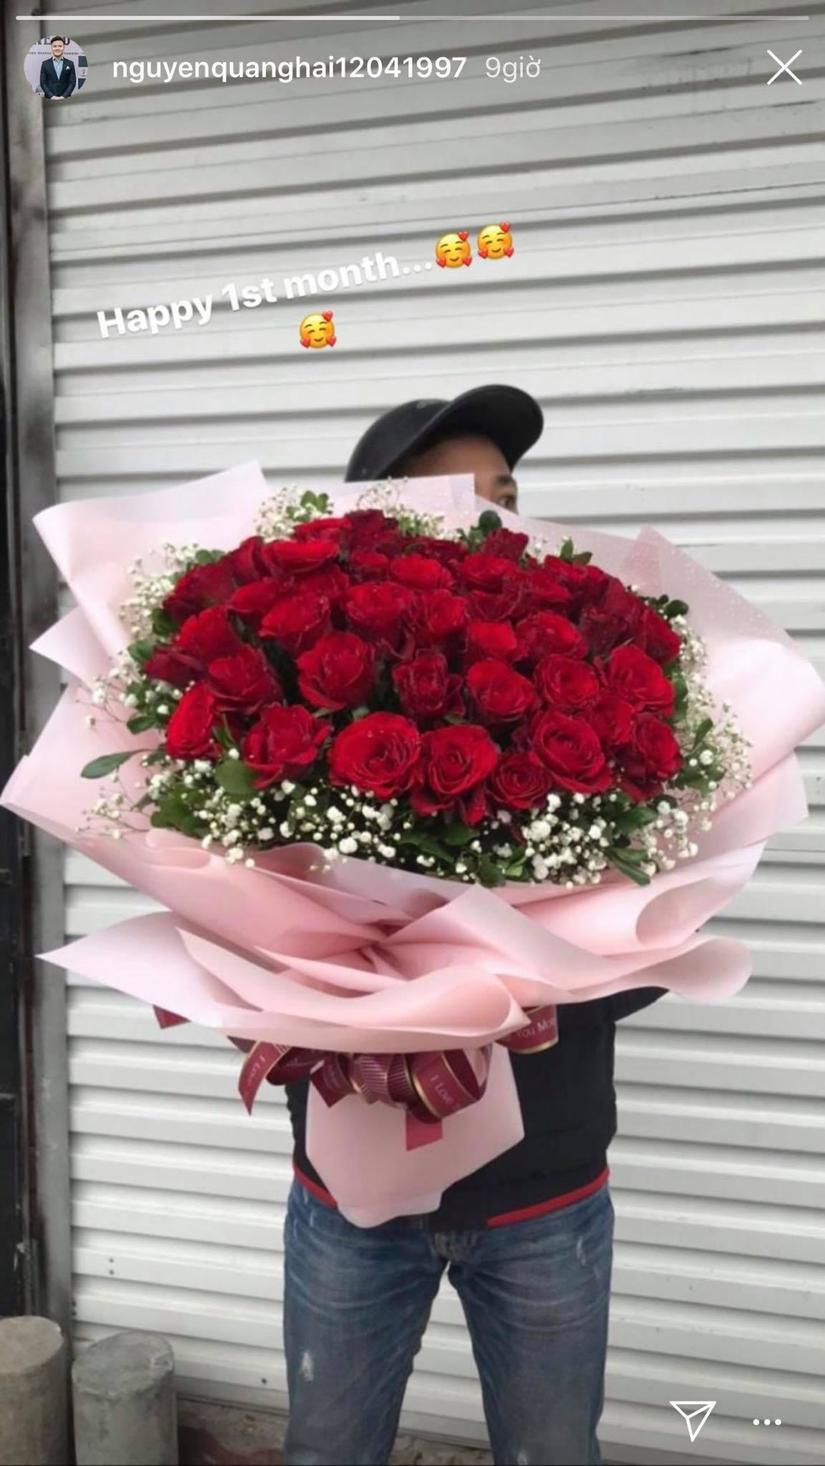 Đưa Huỳnh Anh về nhà chơi, Quang Hải không tiếc lời khen bạn gái khéo dỗ trẻ con